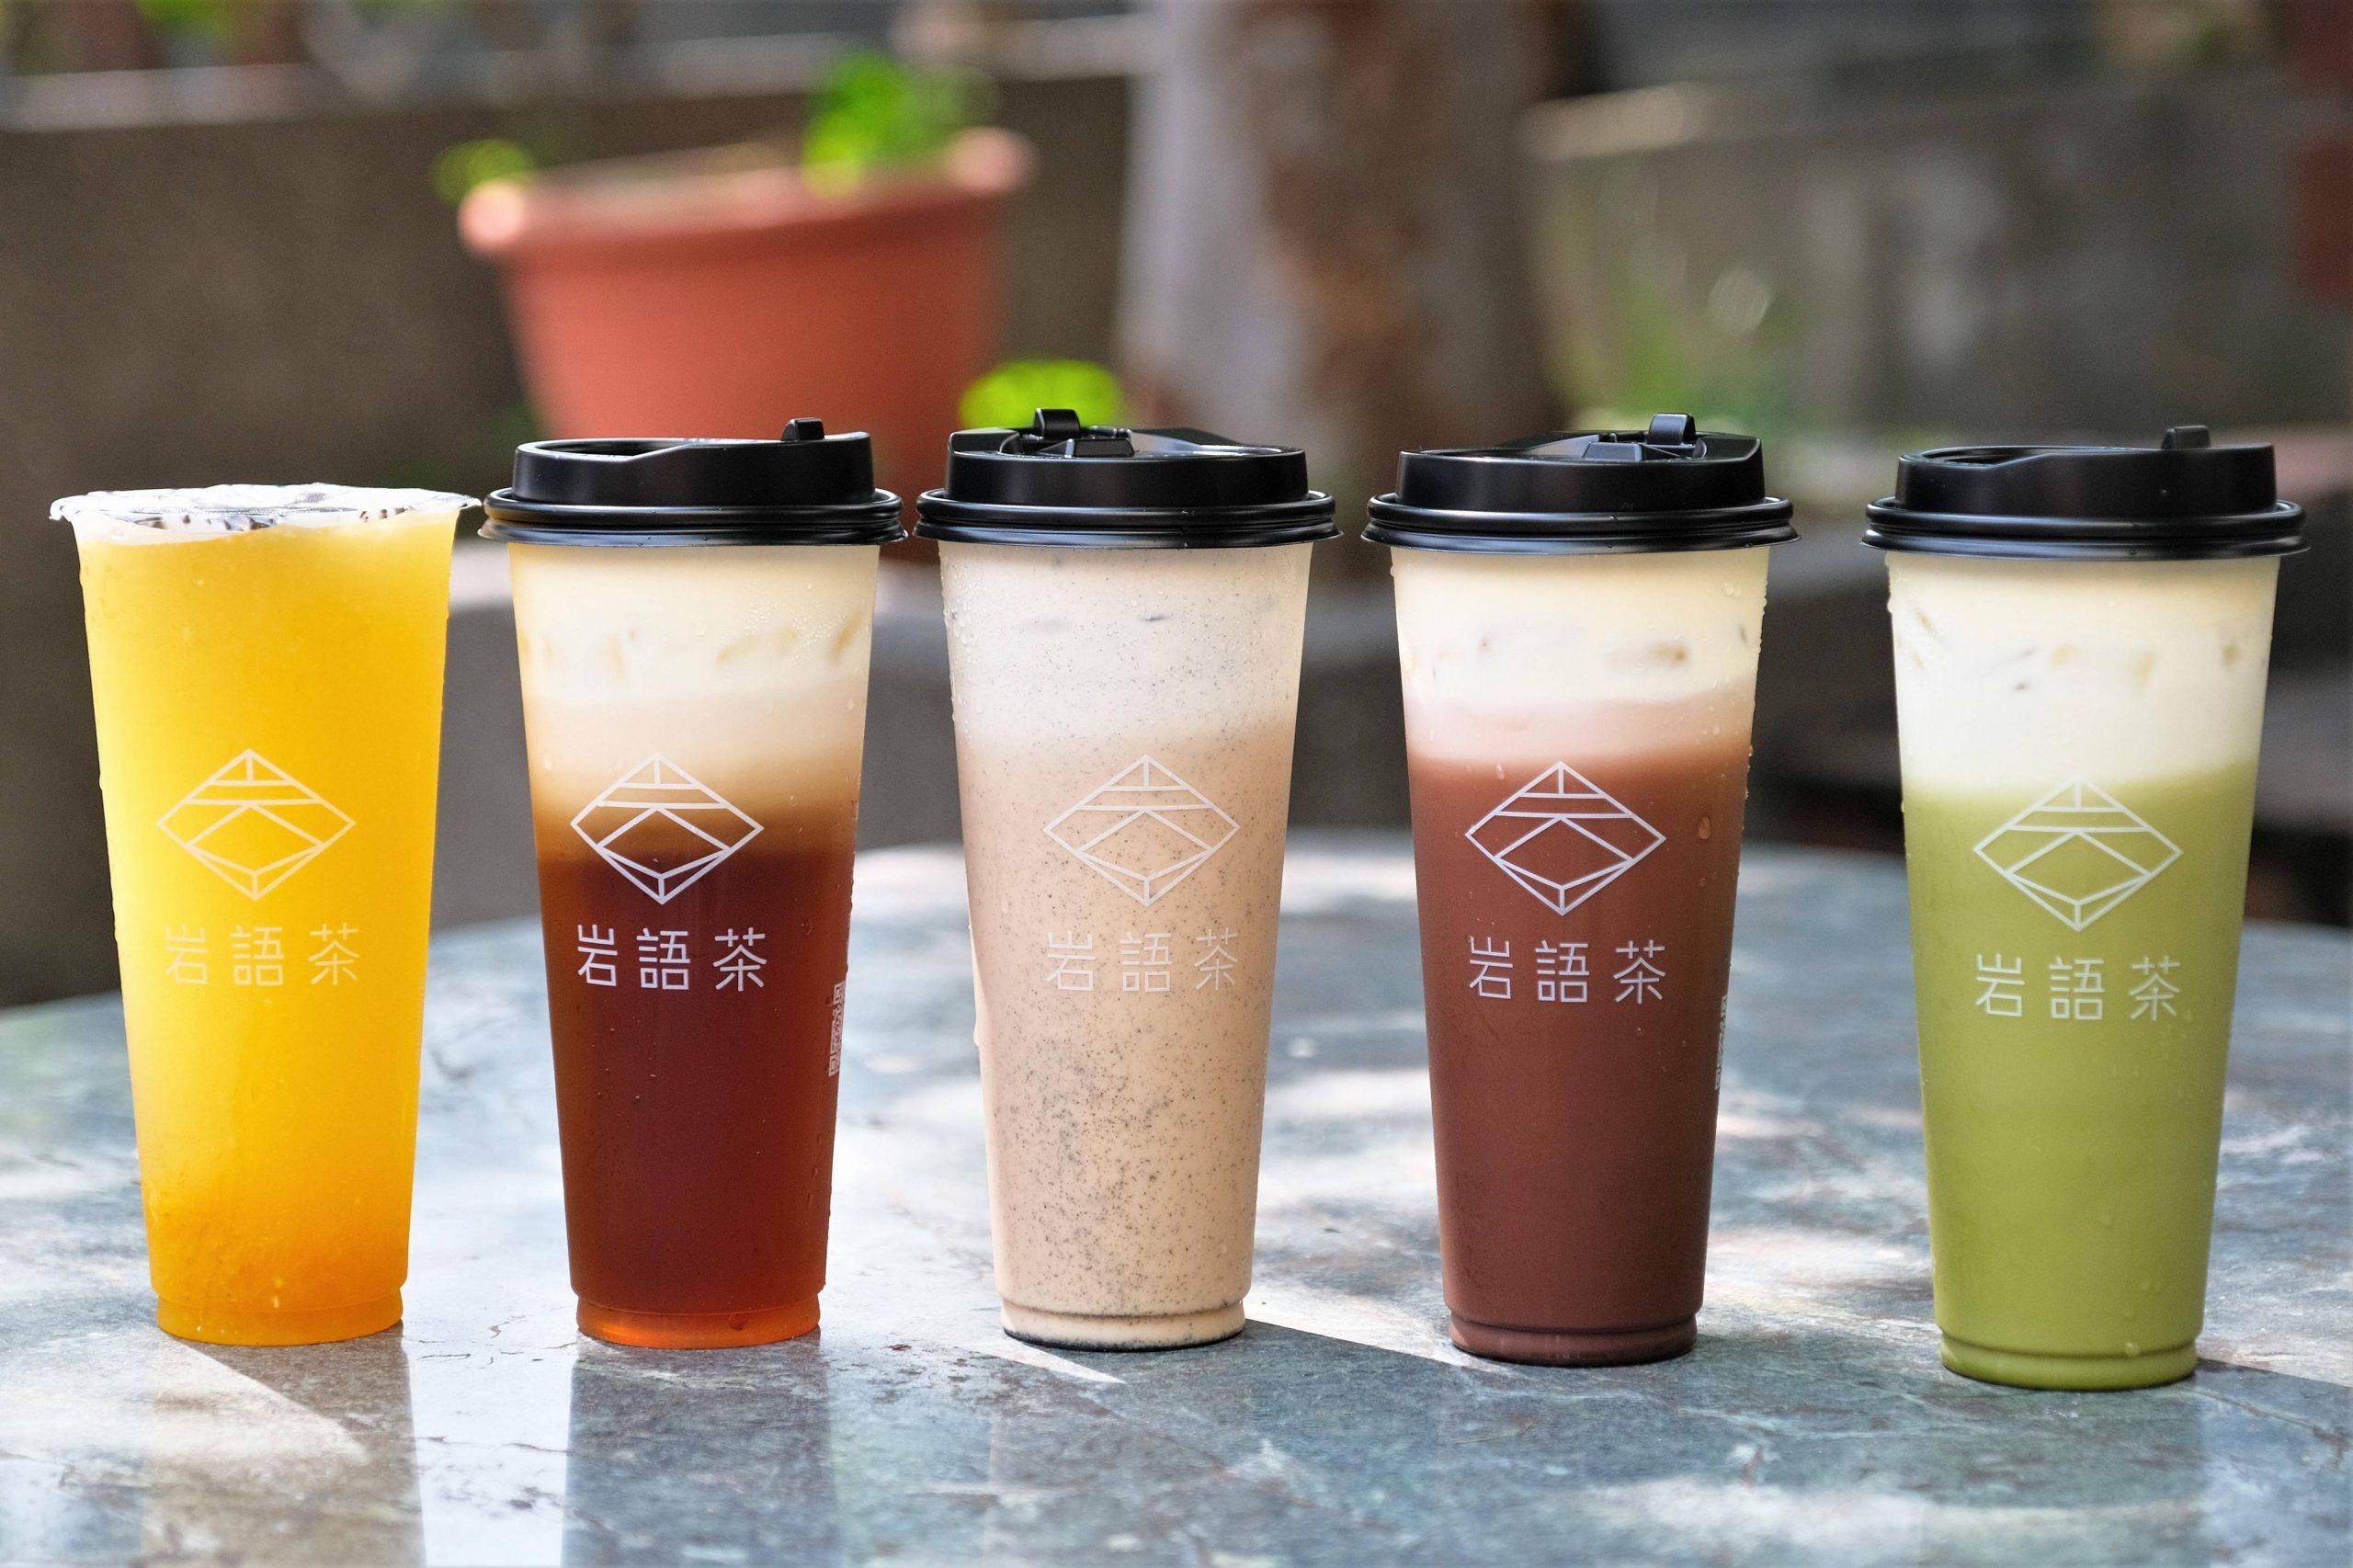 岩語茶-嶺東店